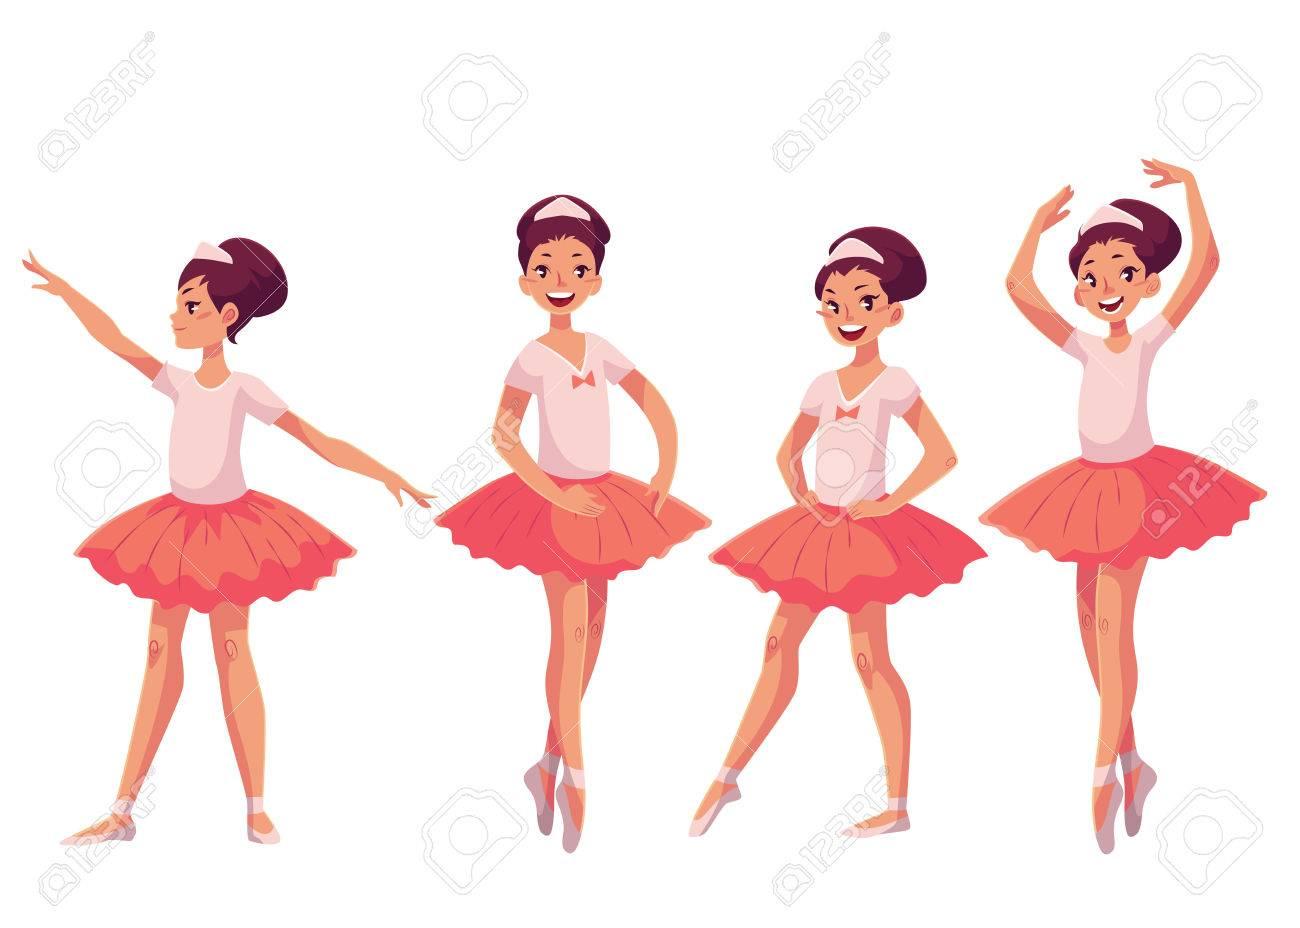 Graceful Piuttosto Giovane Ballerina In Tutù Rosa Stile Cartone